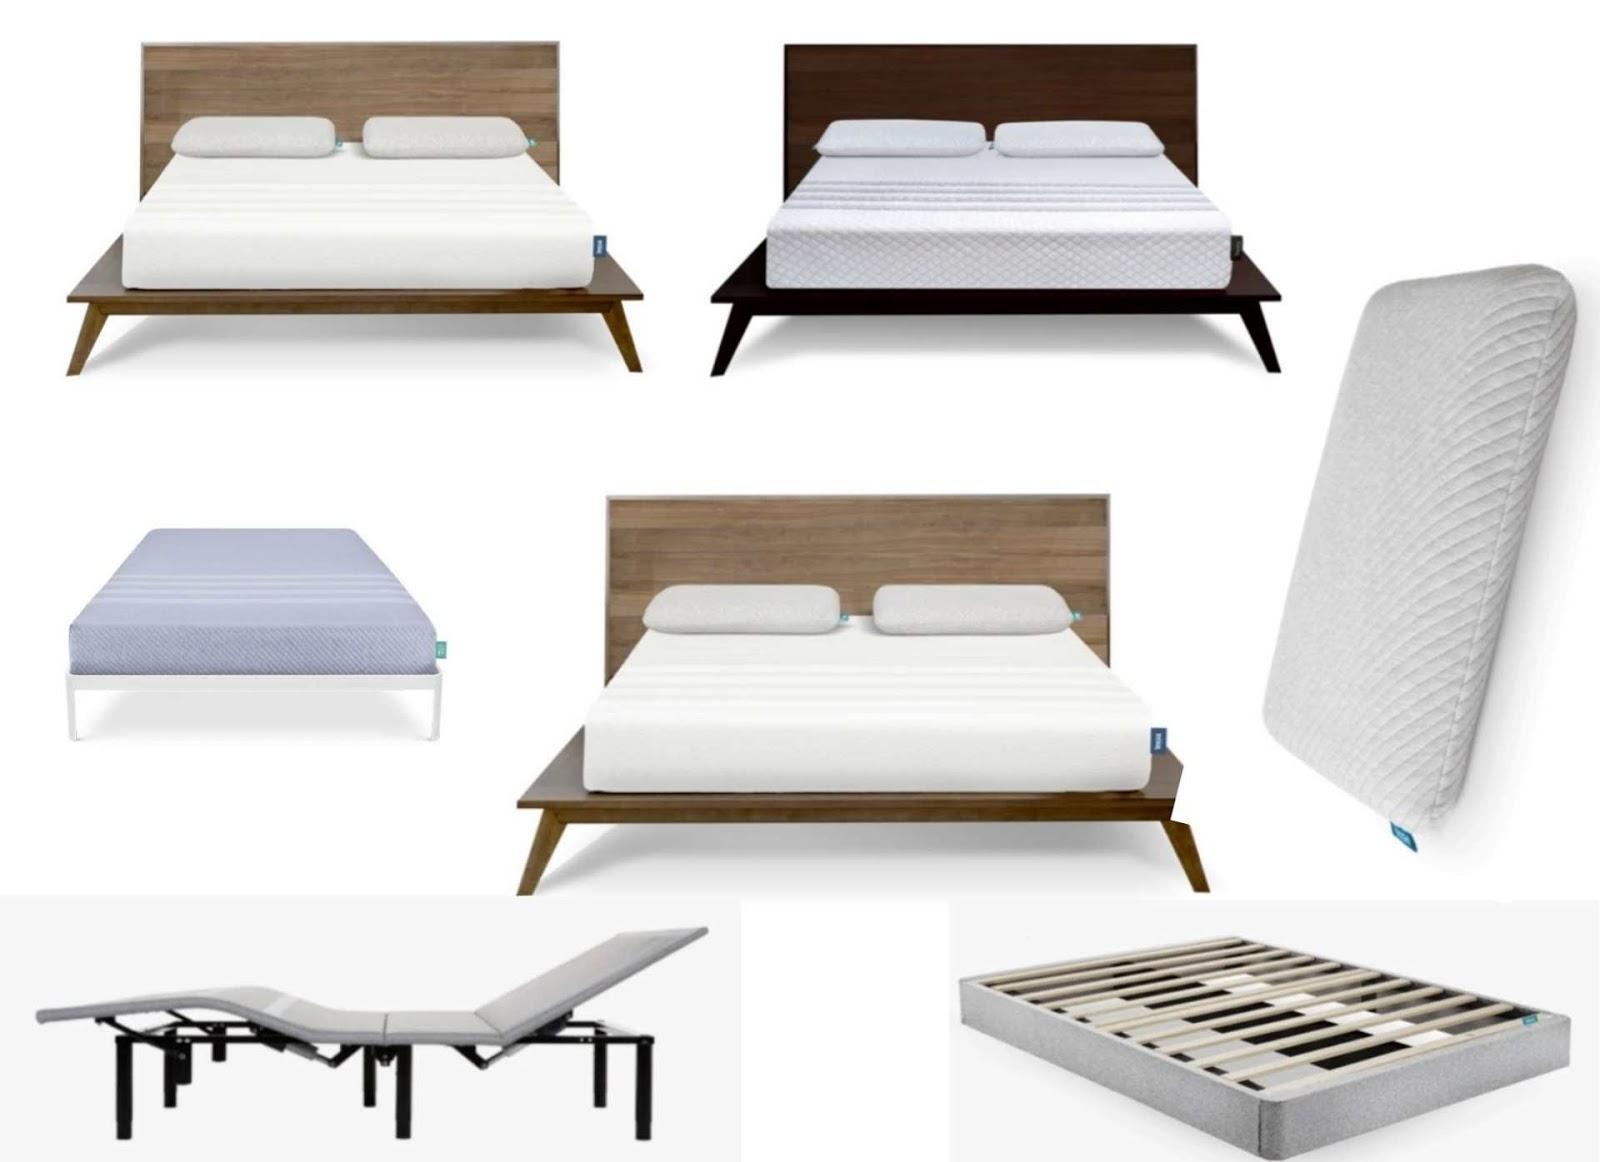 Kumpulan Produk Leesa Sleep Terbaru